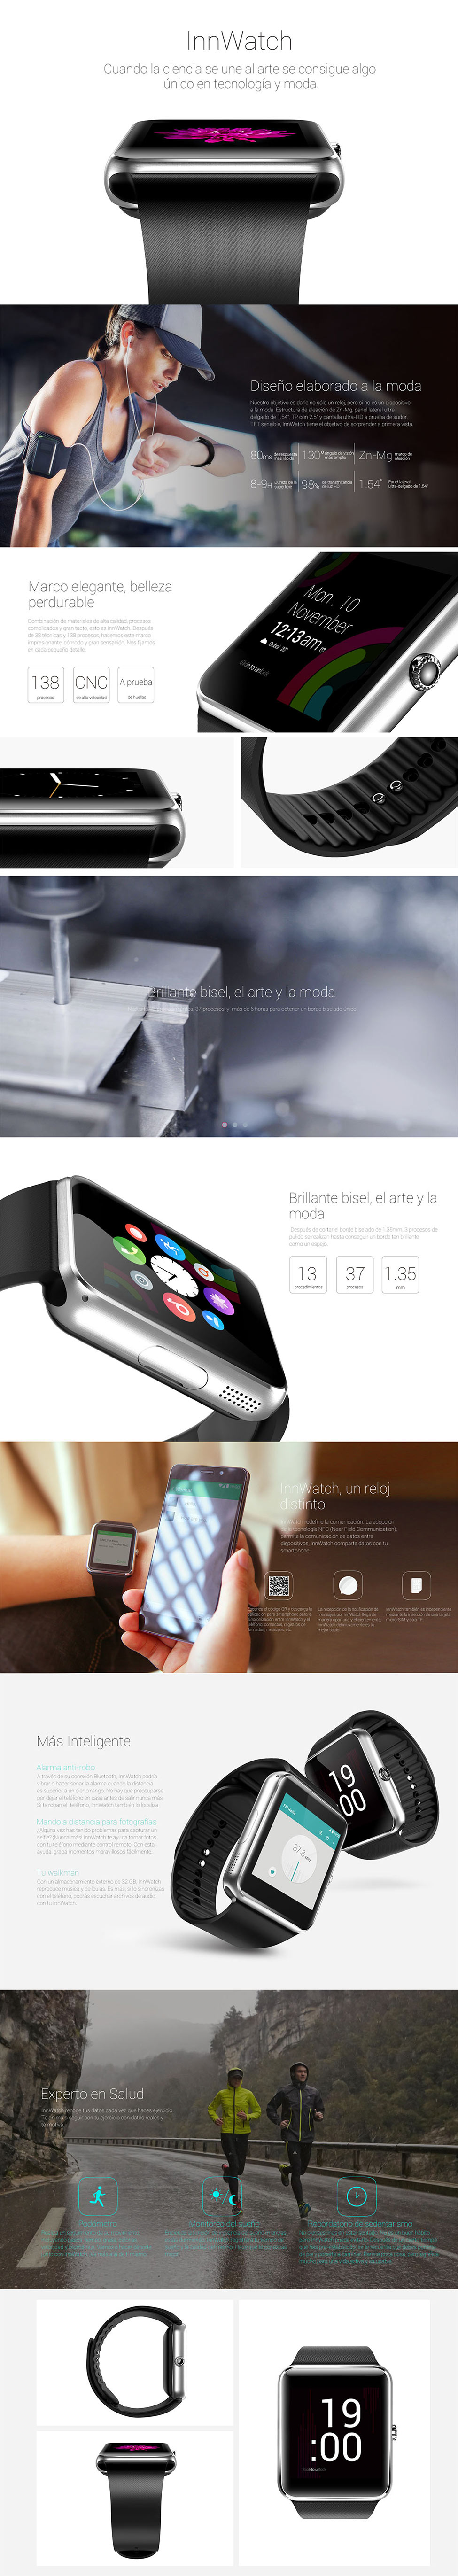 Swartwatch Rellotge amb Android, InnWatch, preu i qualitat